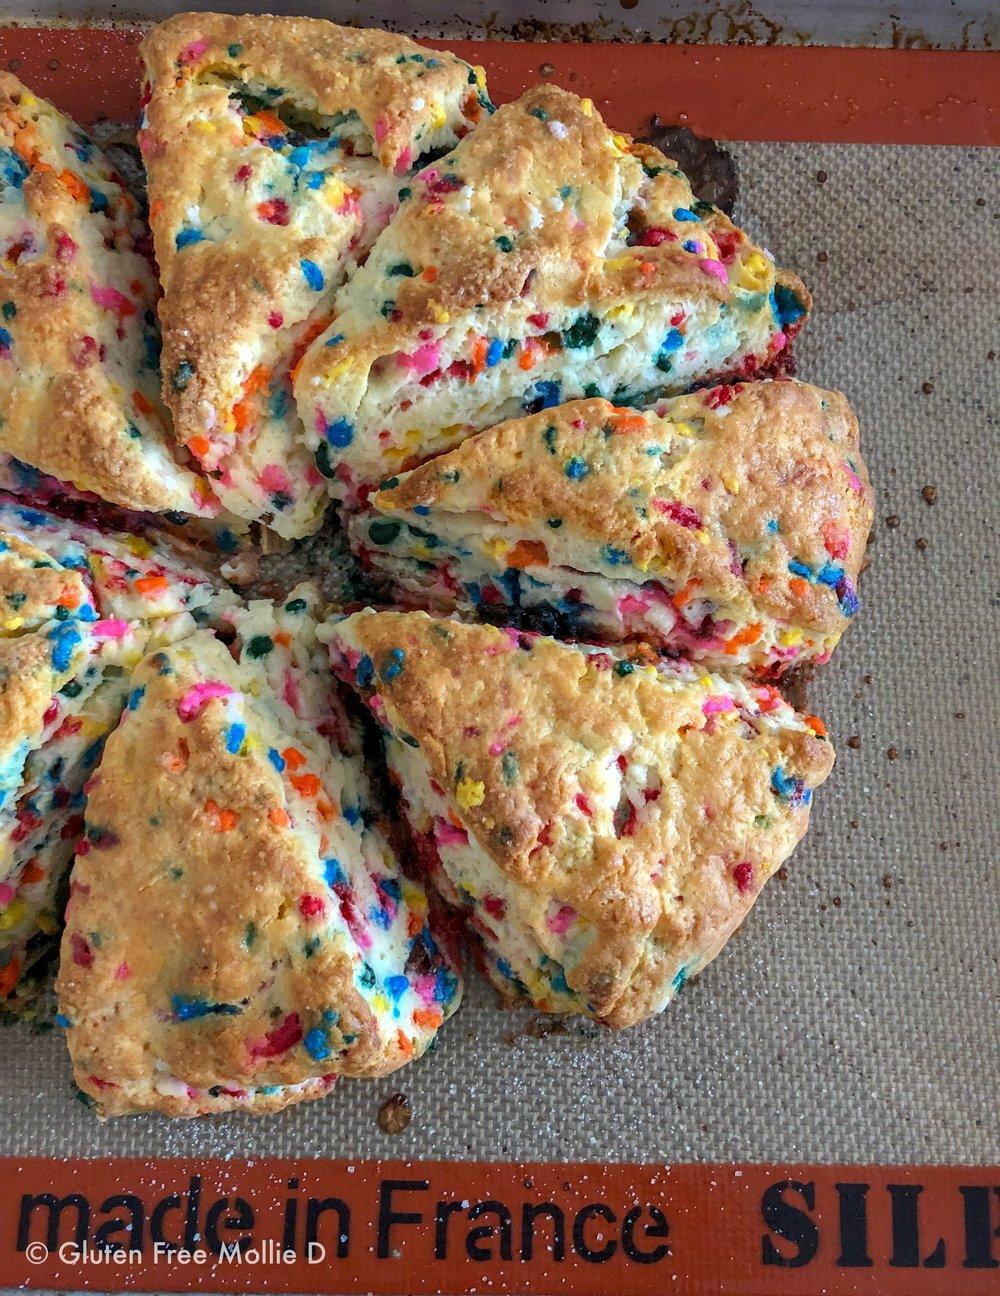 Birthday Cake Scones. Quite colorful!